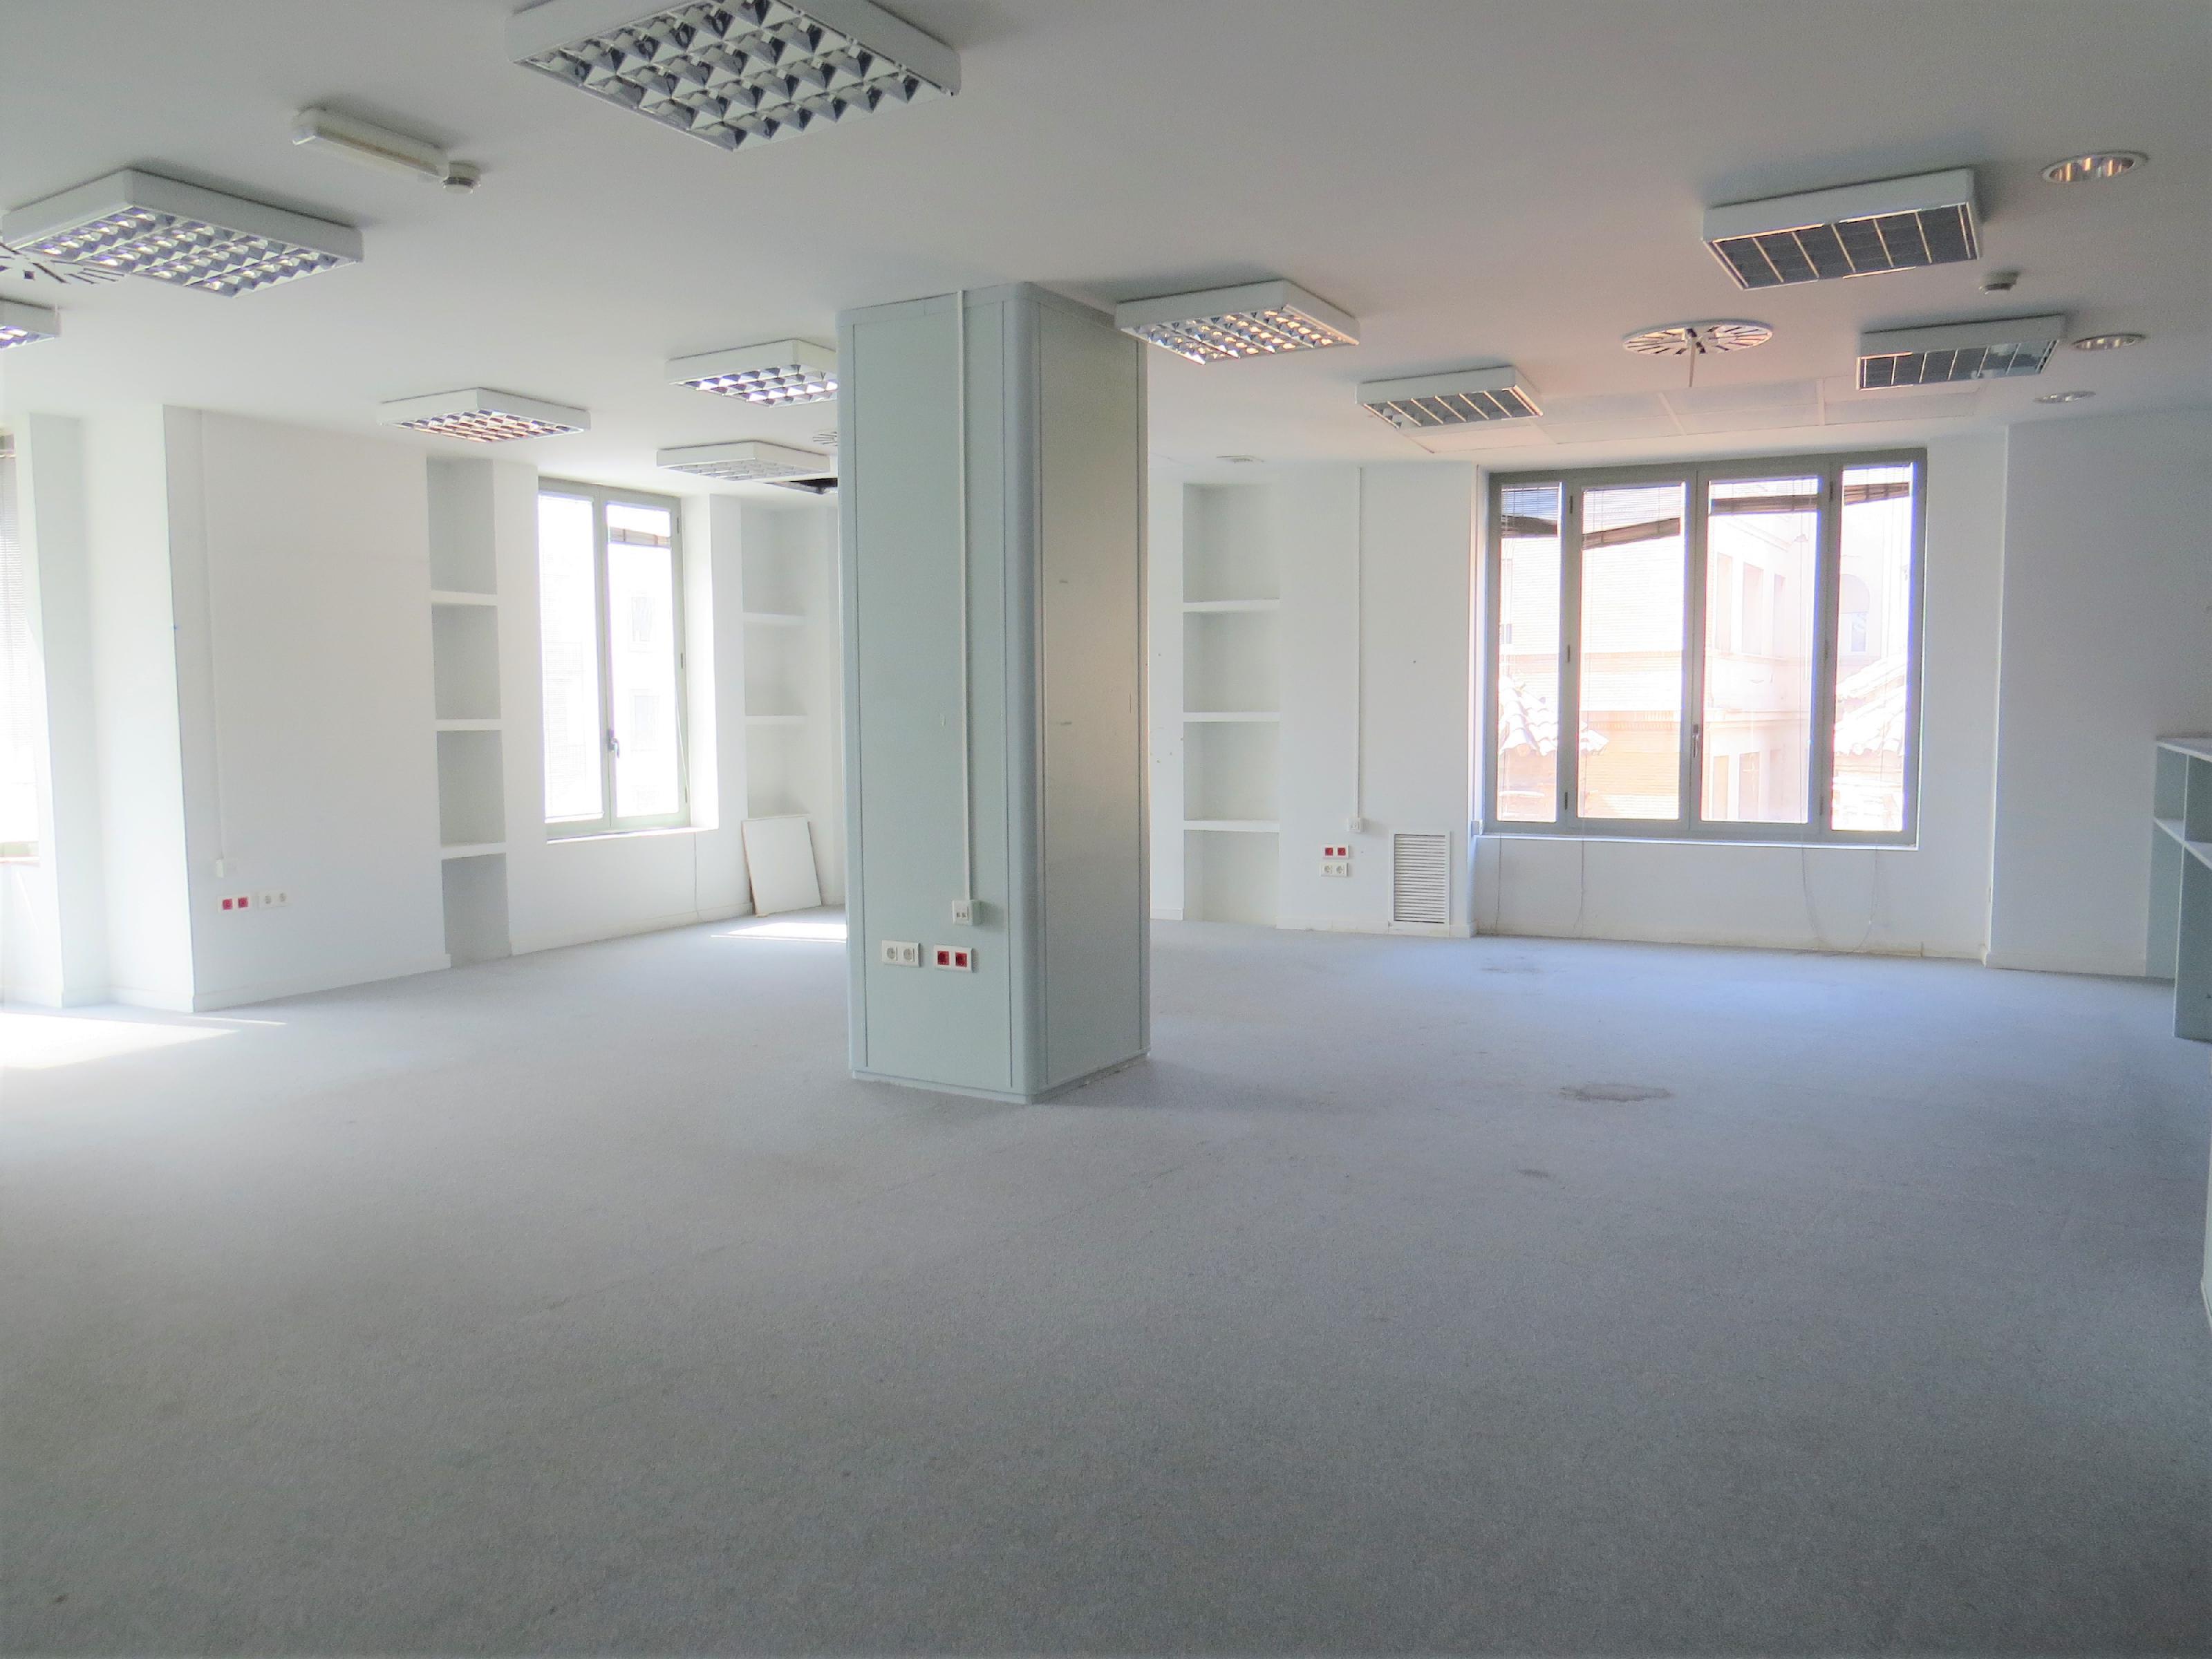 Imagen 1 Oficina Comercial en alquiler en Zaragoza / Junto al tranvia